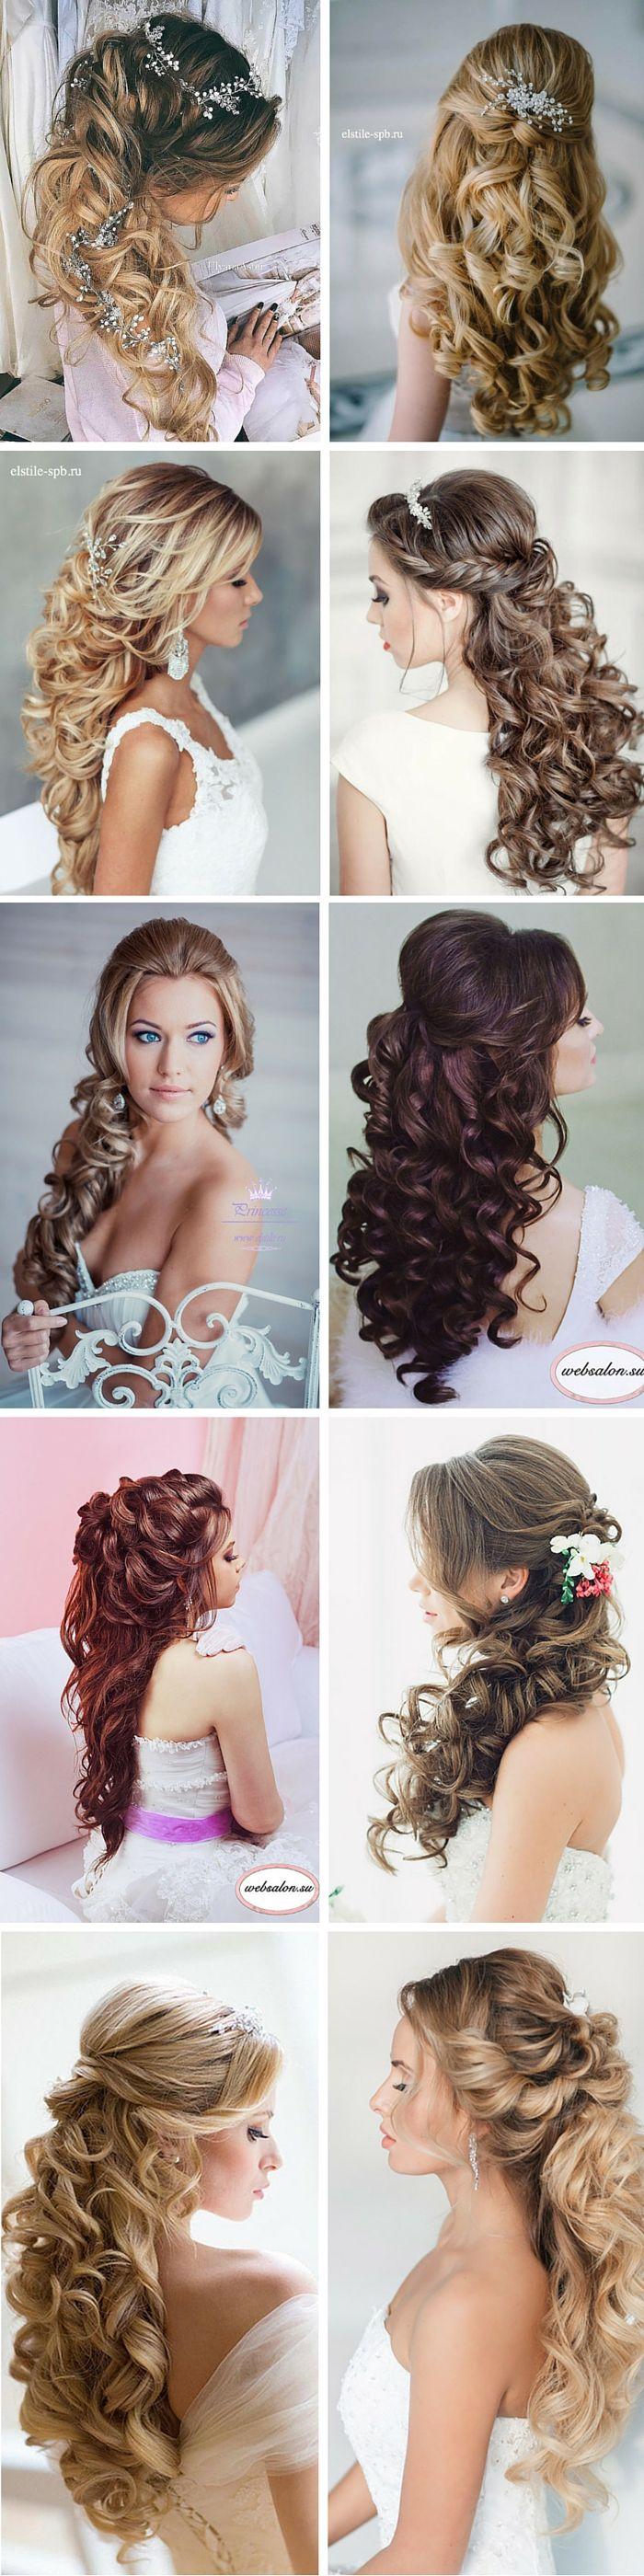 half up half down wedding hairstyles ideas hair accessories